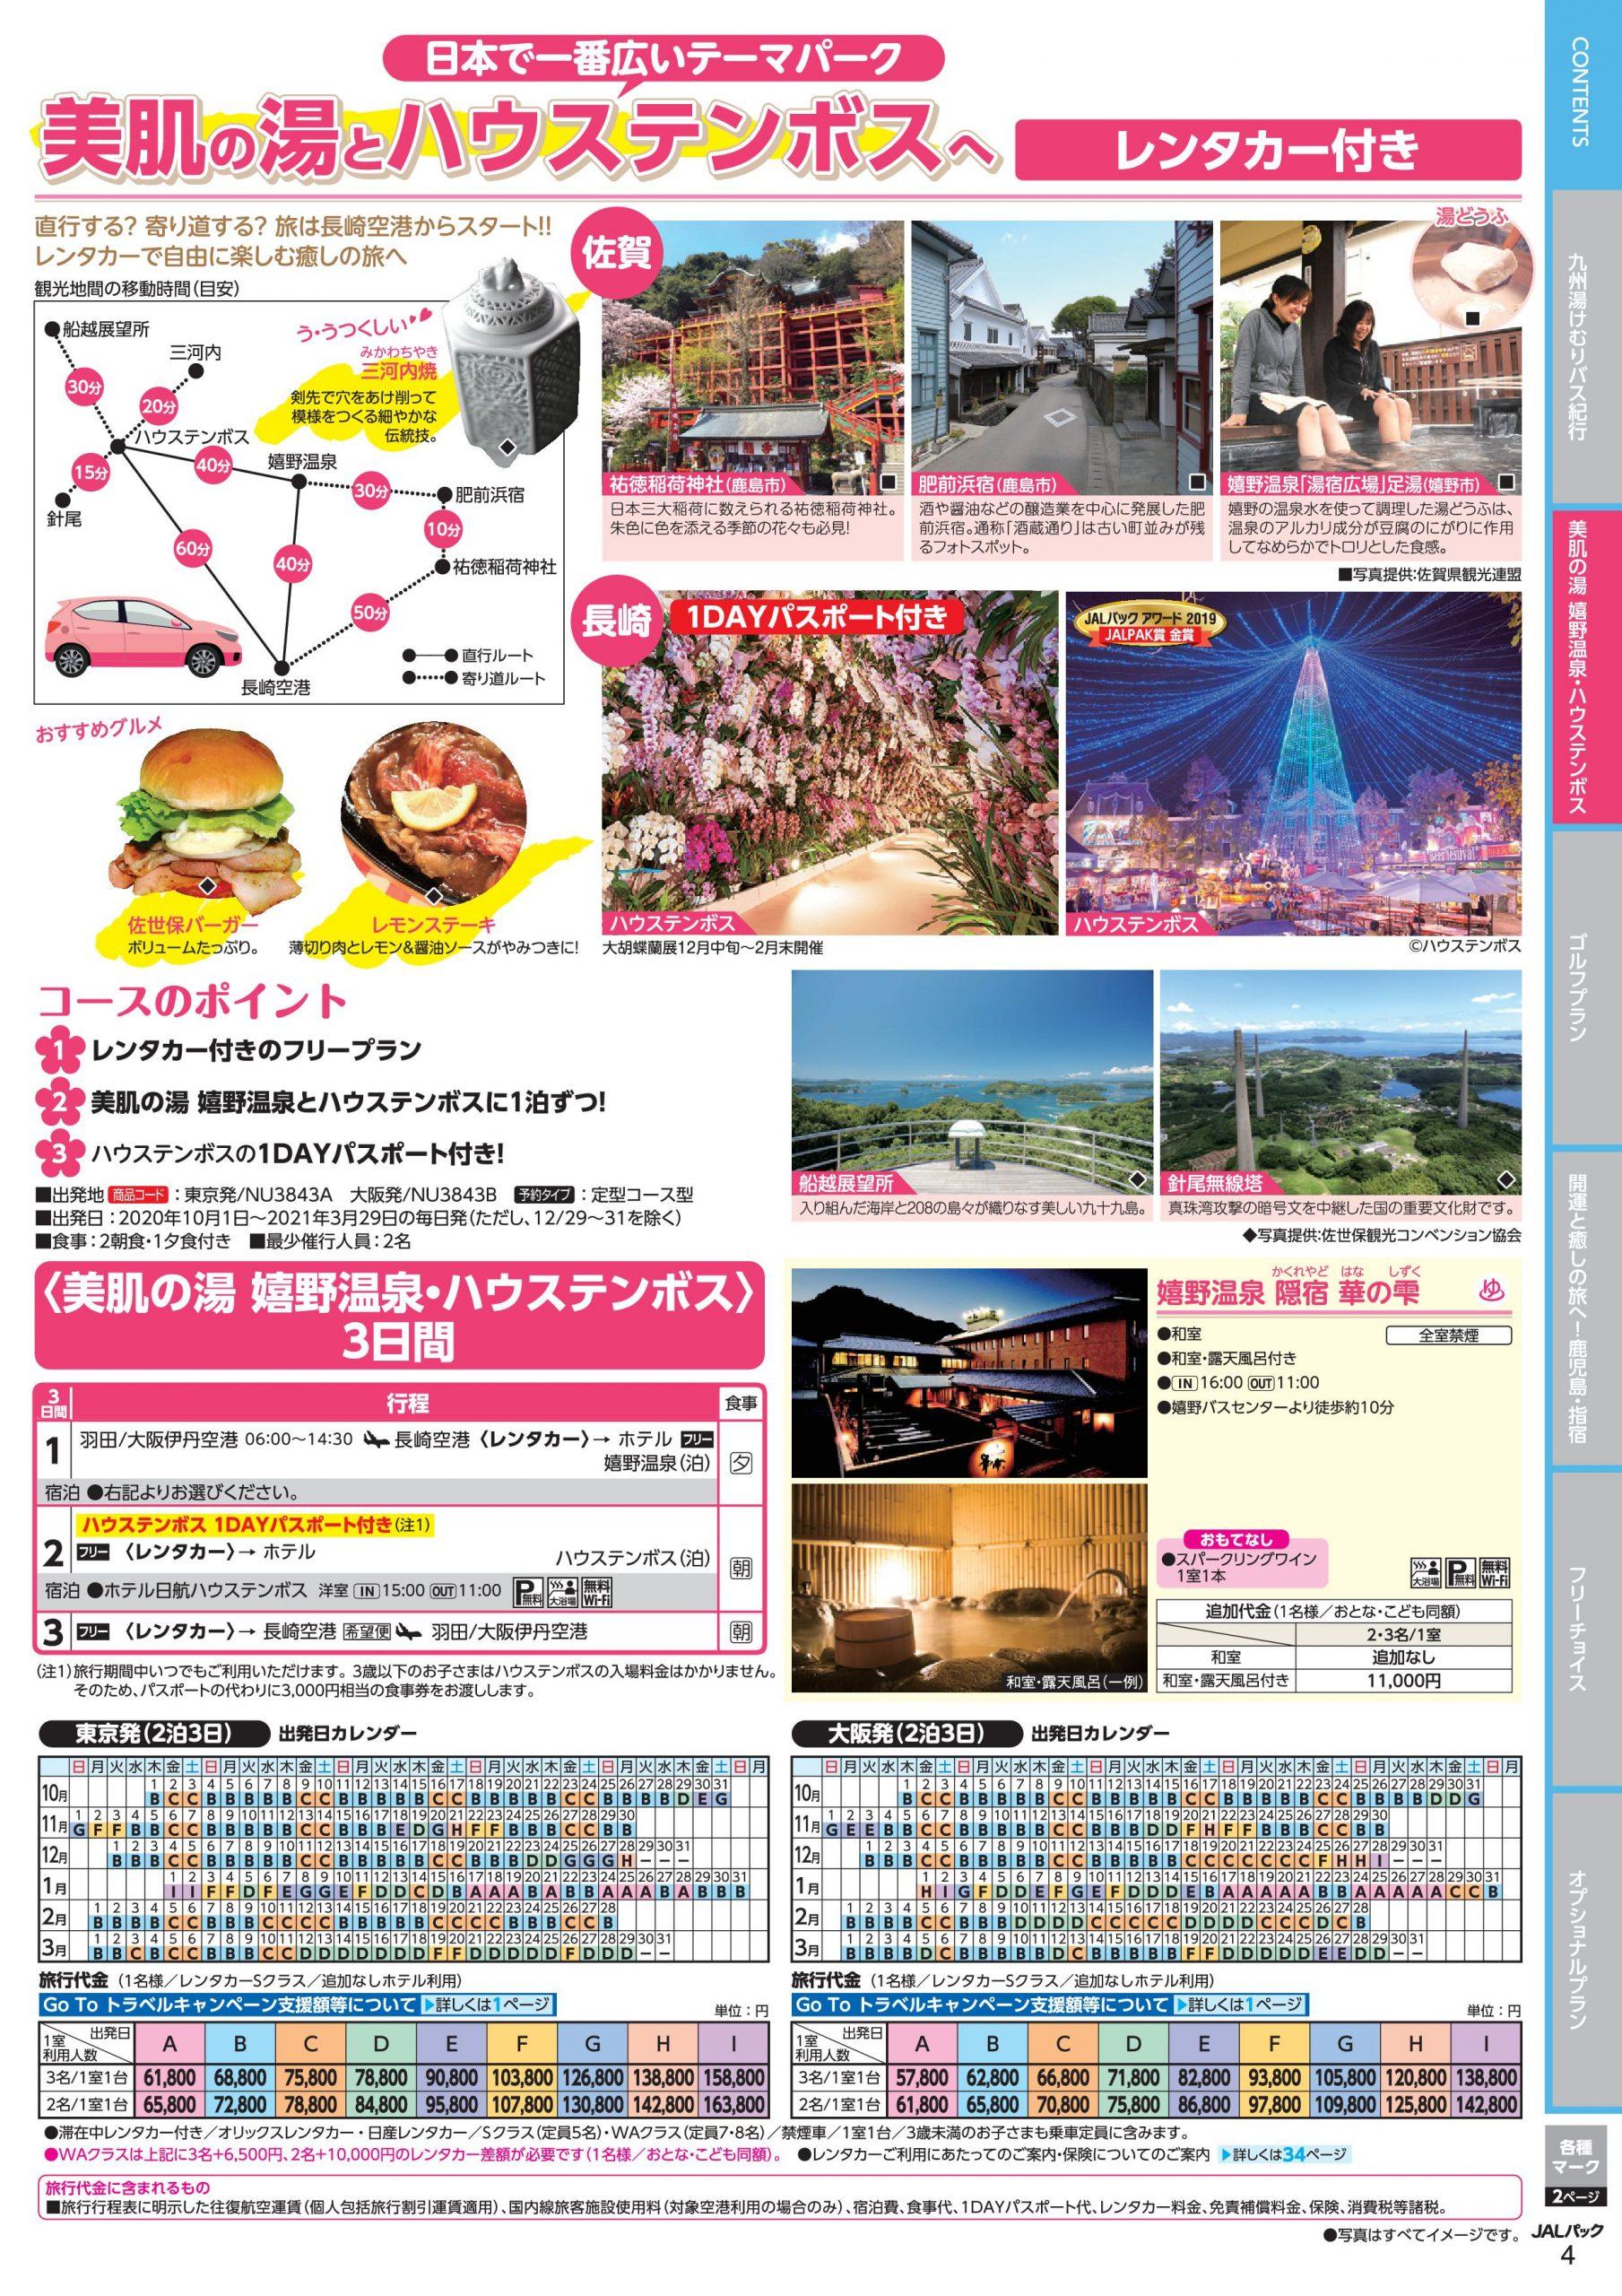 佐賀県嬉野温泉&ハウステンボスのレンタカーで行く旅